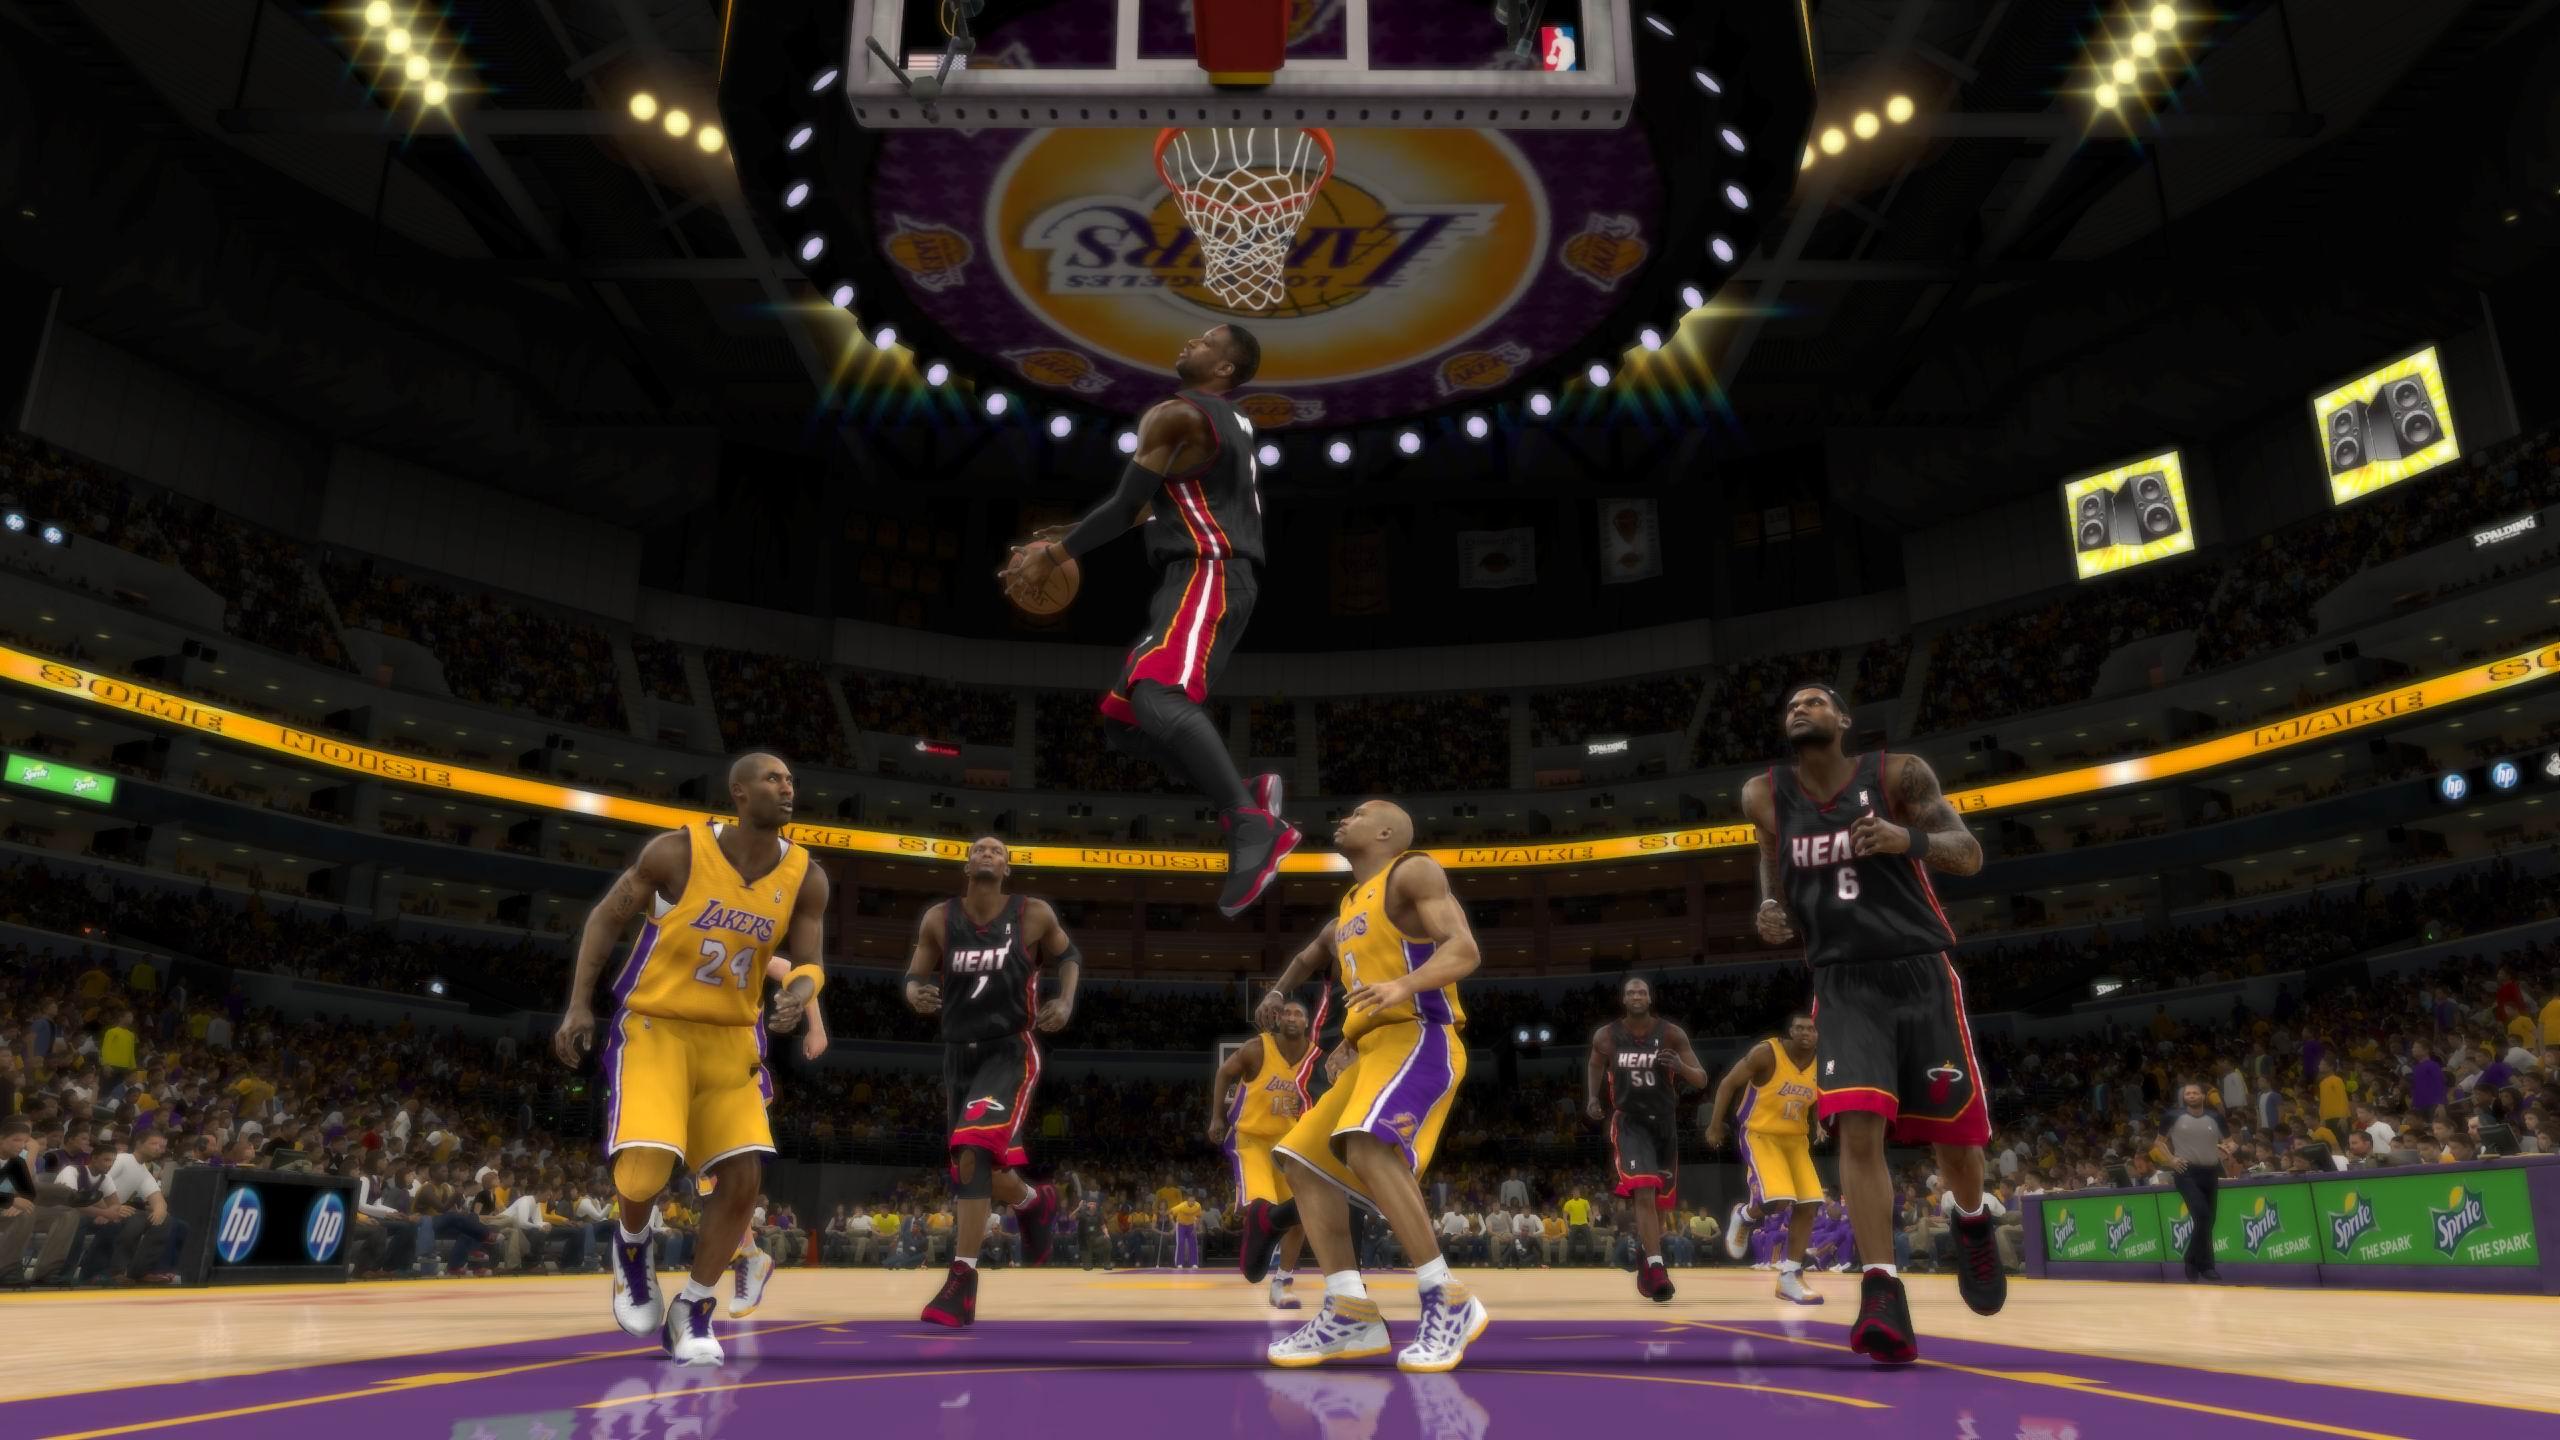 NBA 2K12 продолжает популярную серию виртуального баскетбольного